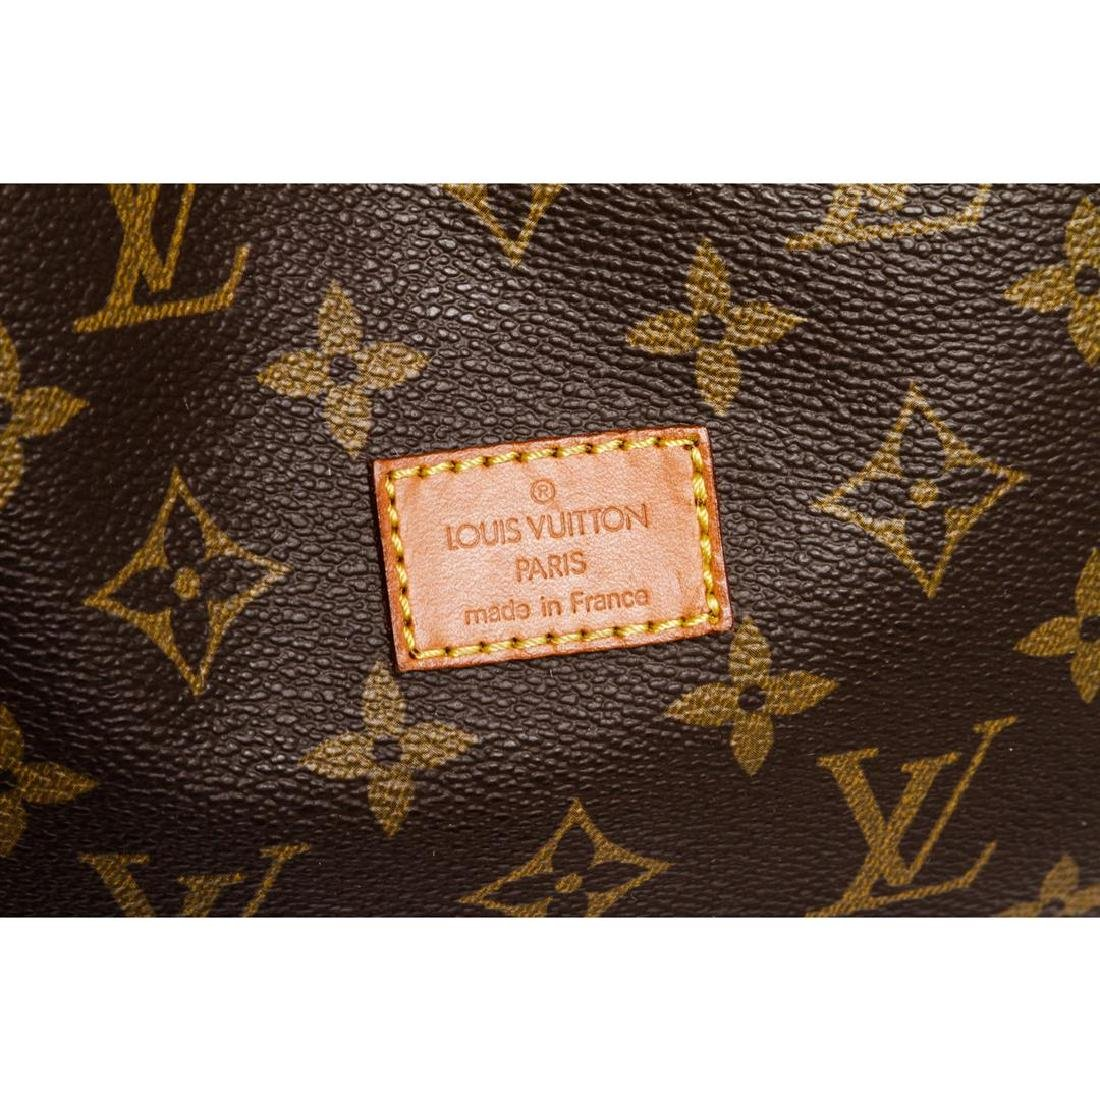 Louis Vuitton Monogram Canvas Leather Saumur 30 cm - 7